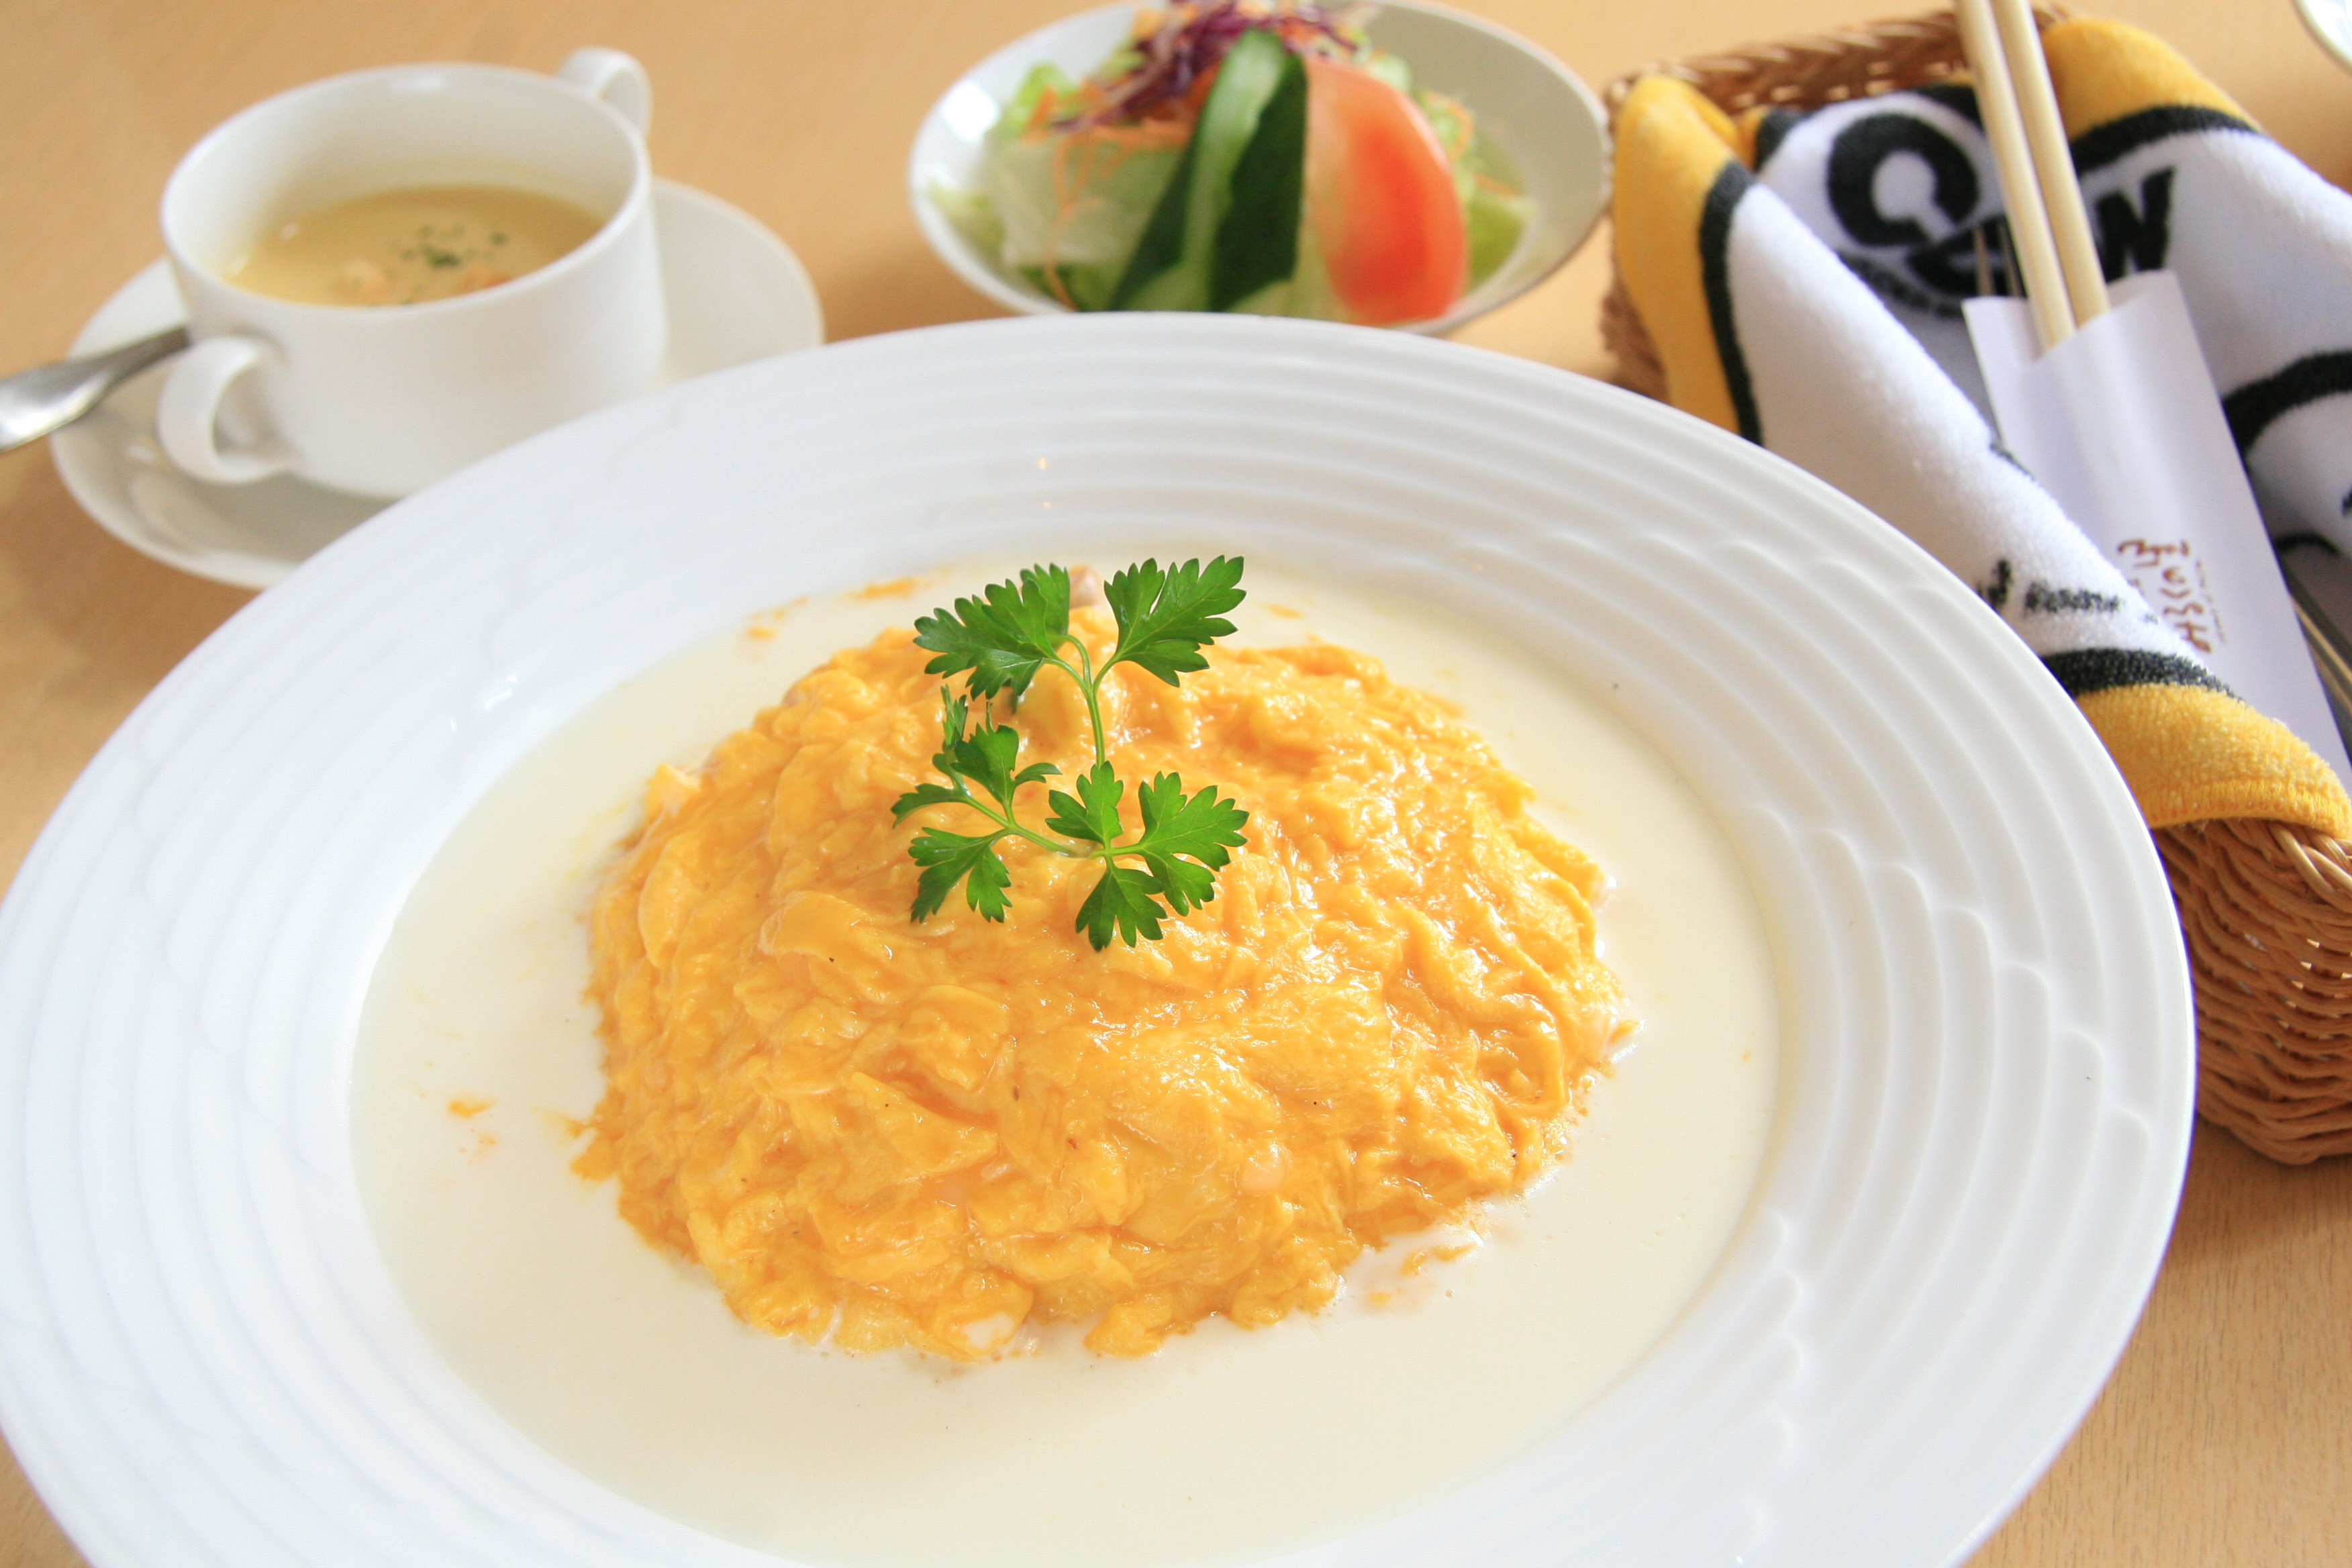 今夜の夕ご飯にも♡ホワイトソースのオムライスレシピまとめのサムネイル画像